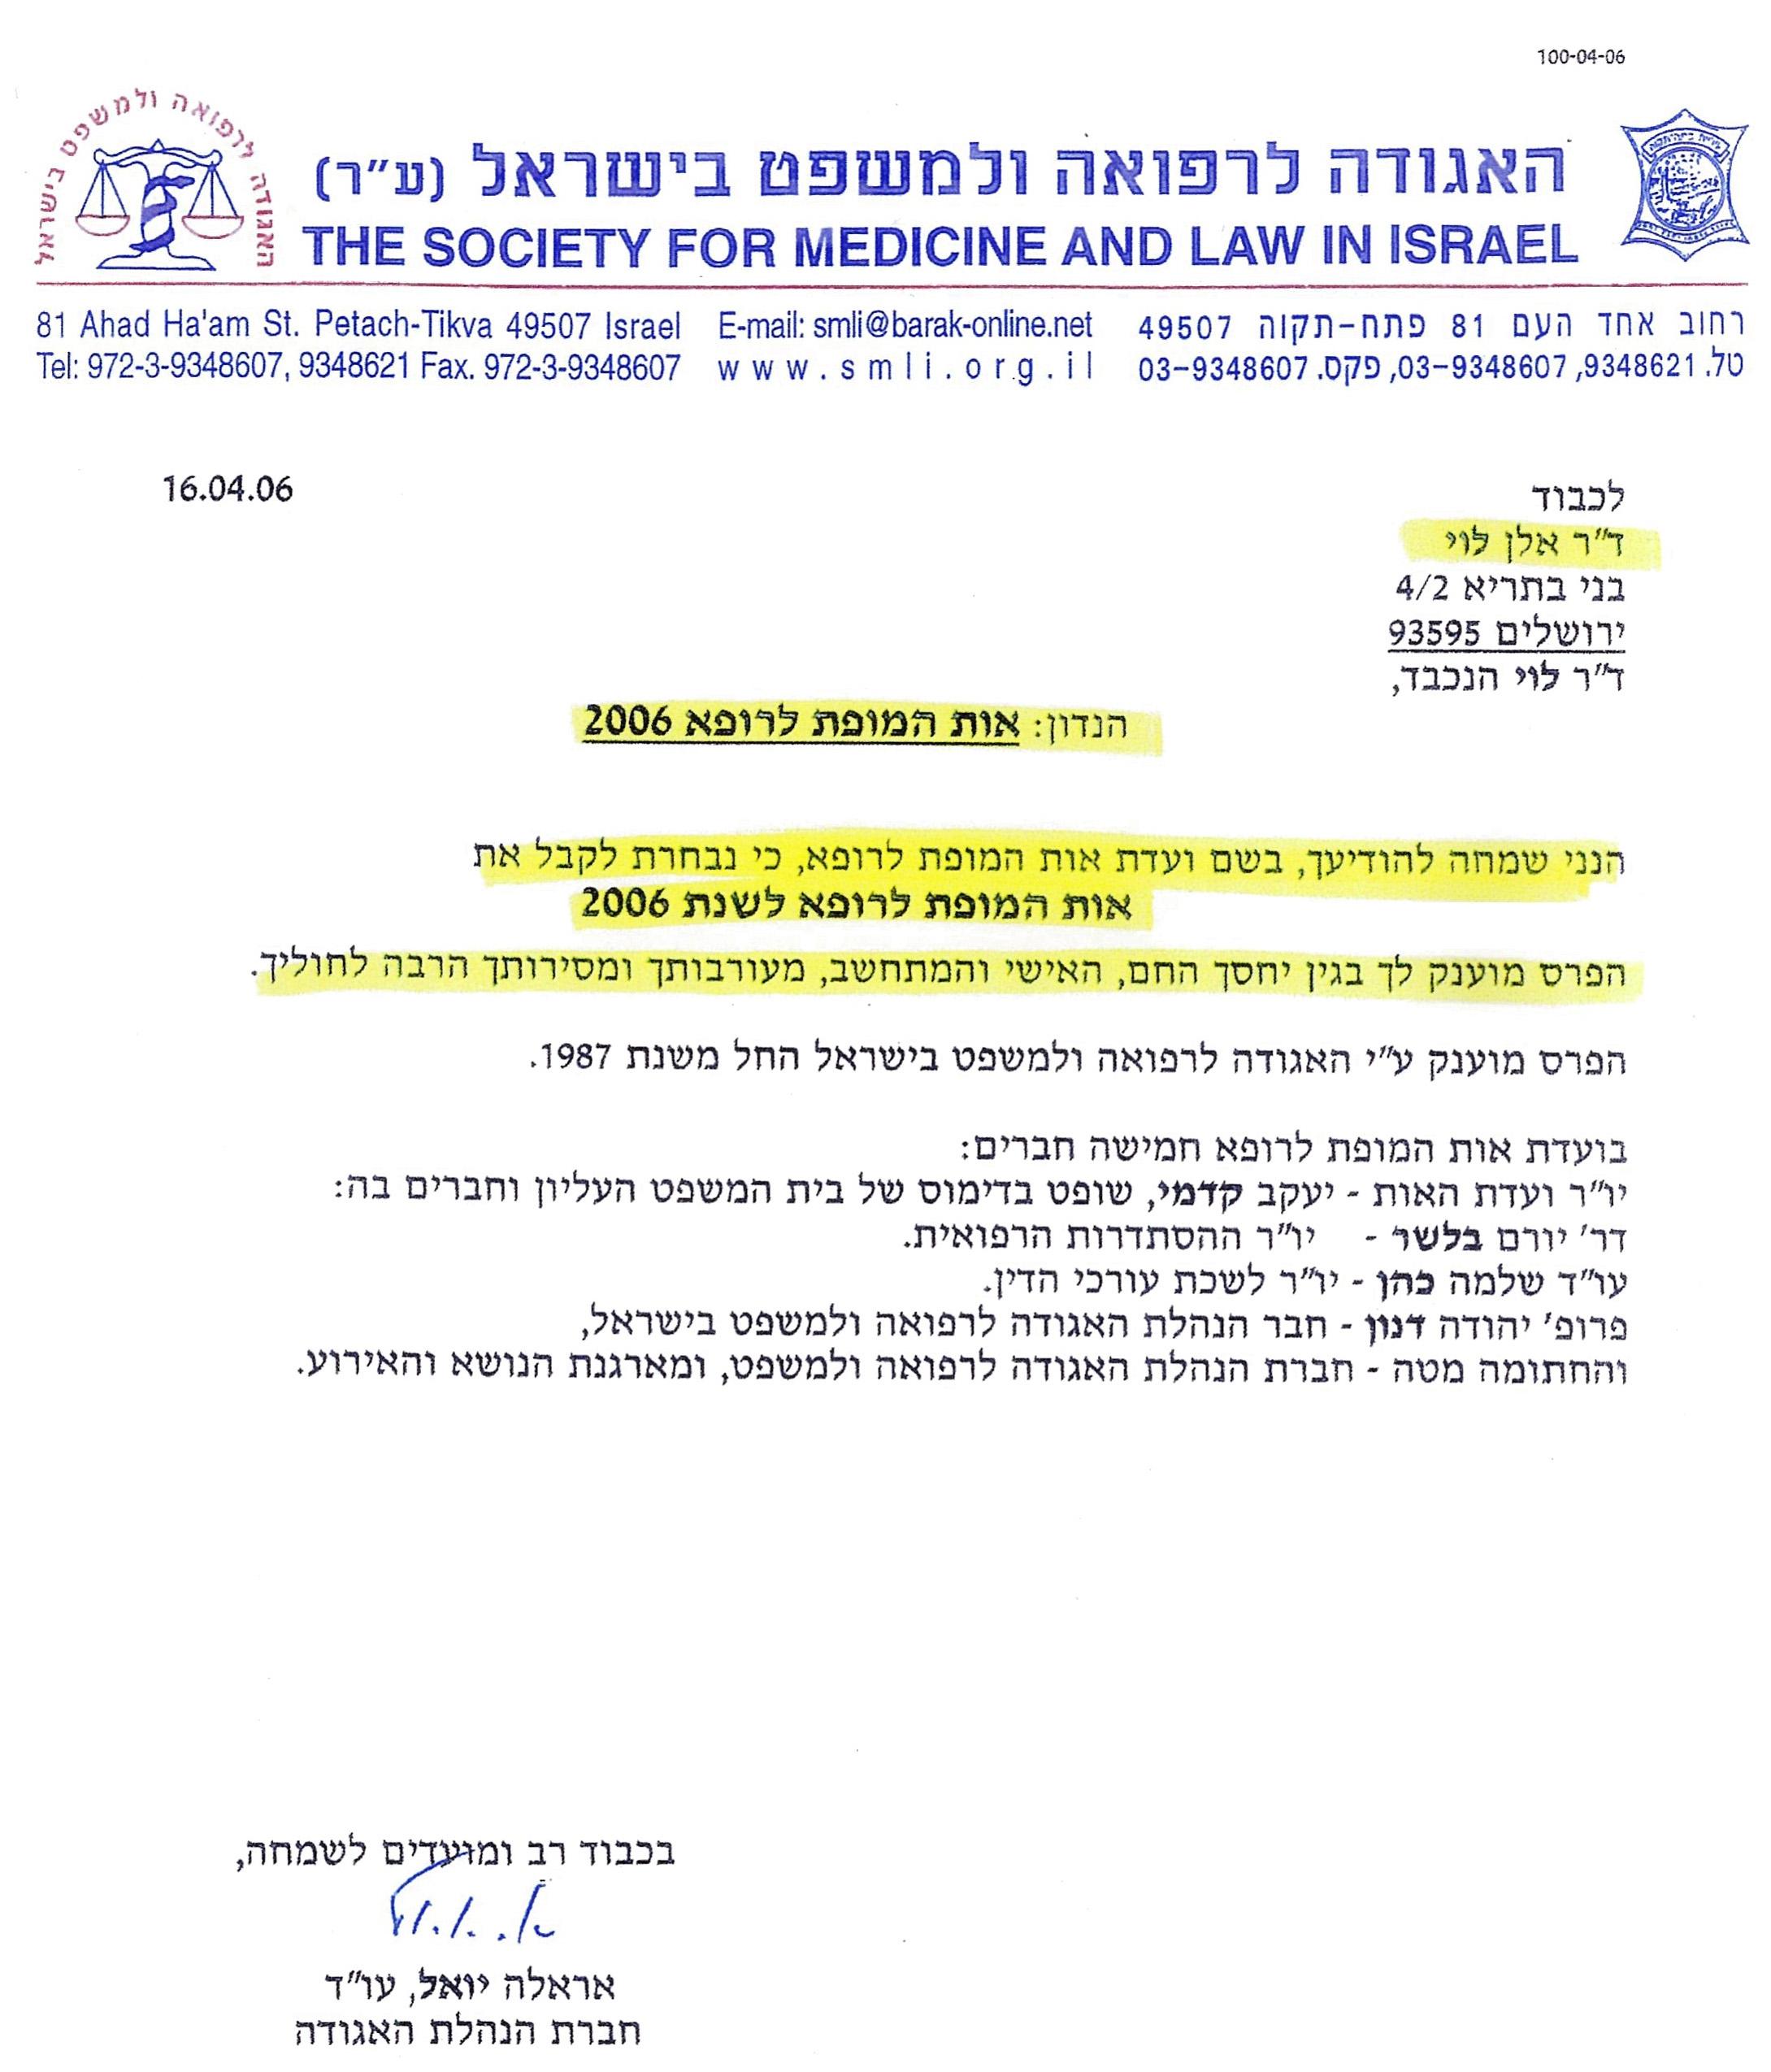 האגודה לרפואה ולמשפט בישראל